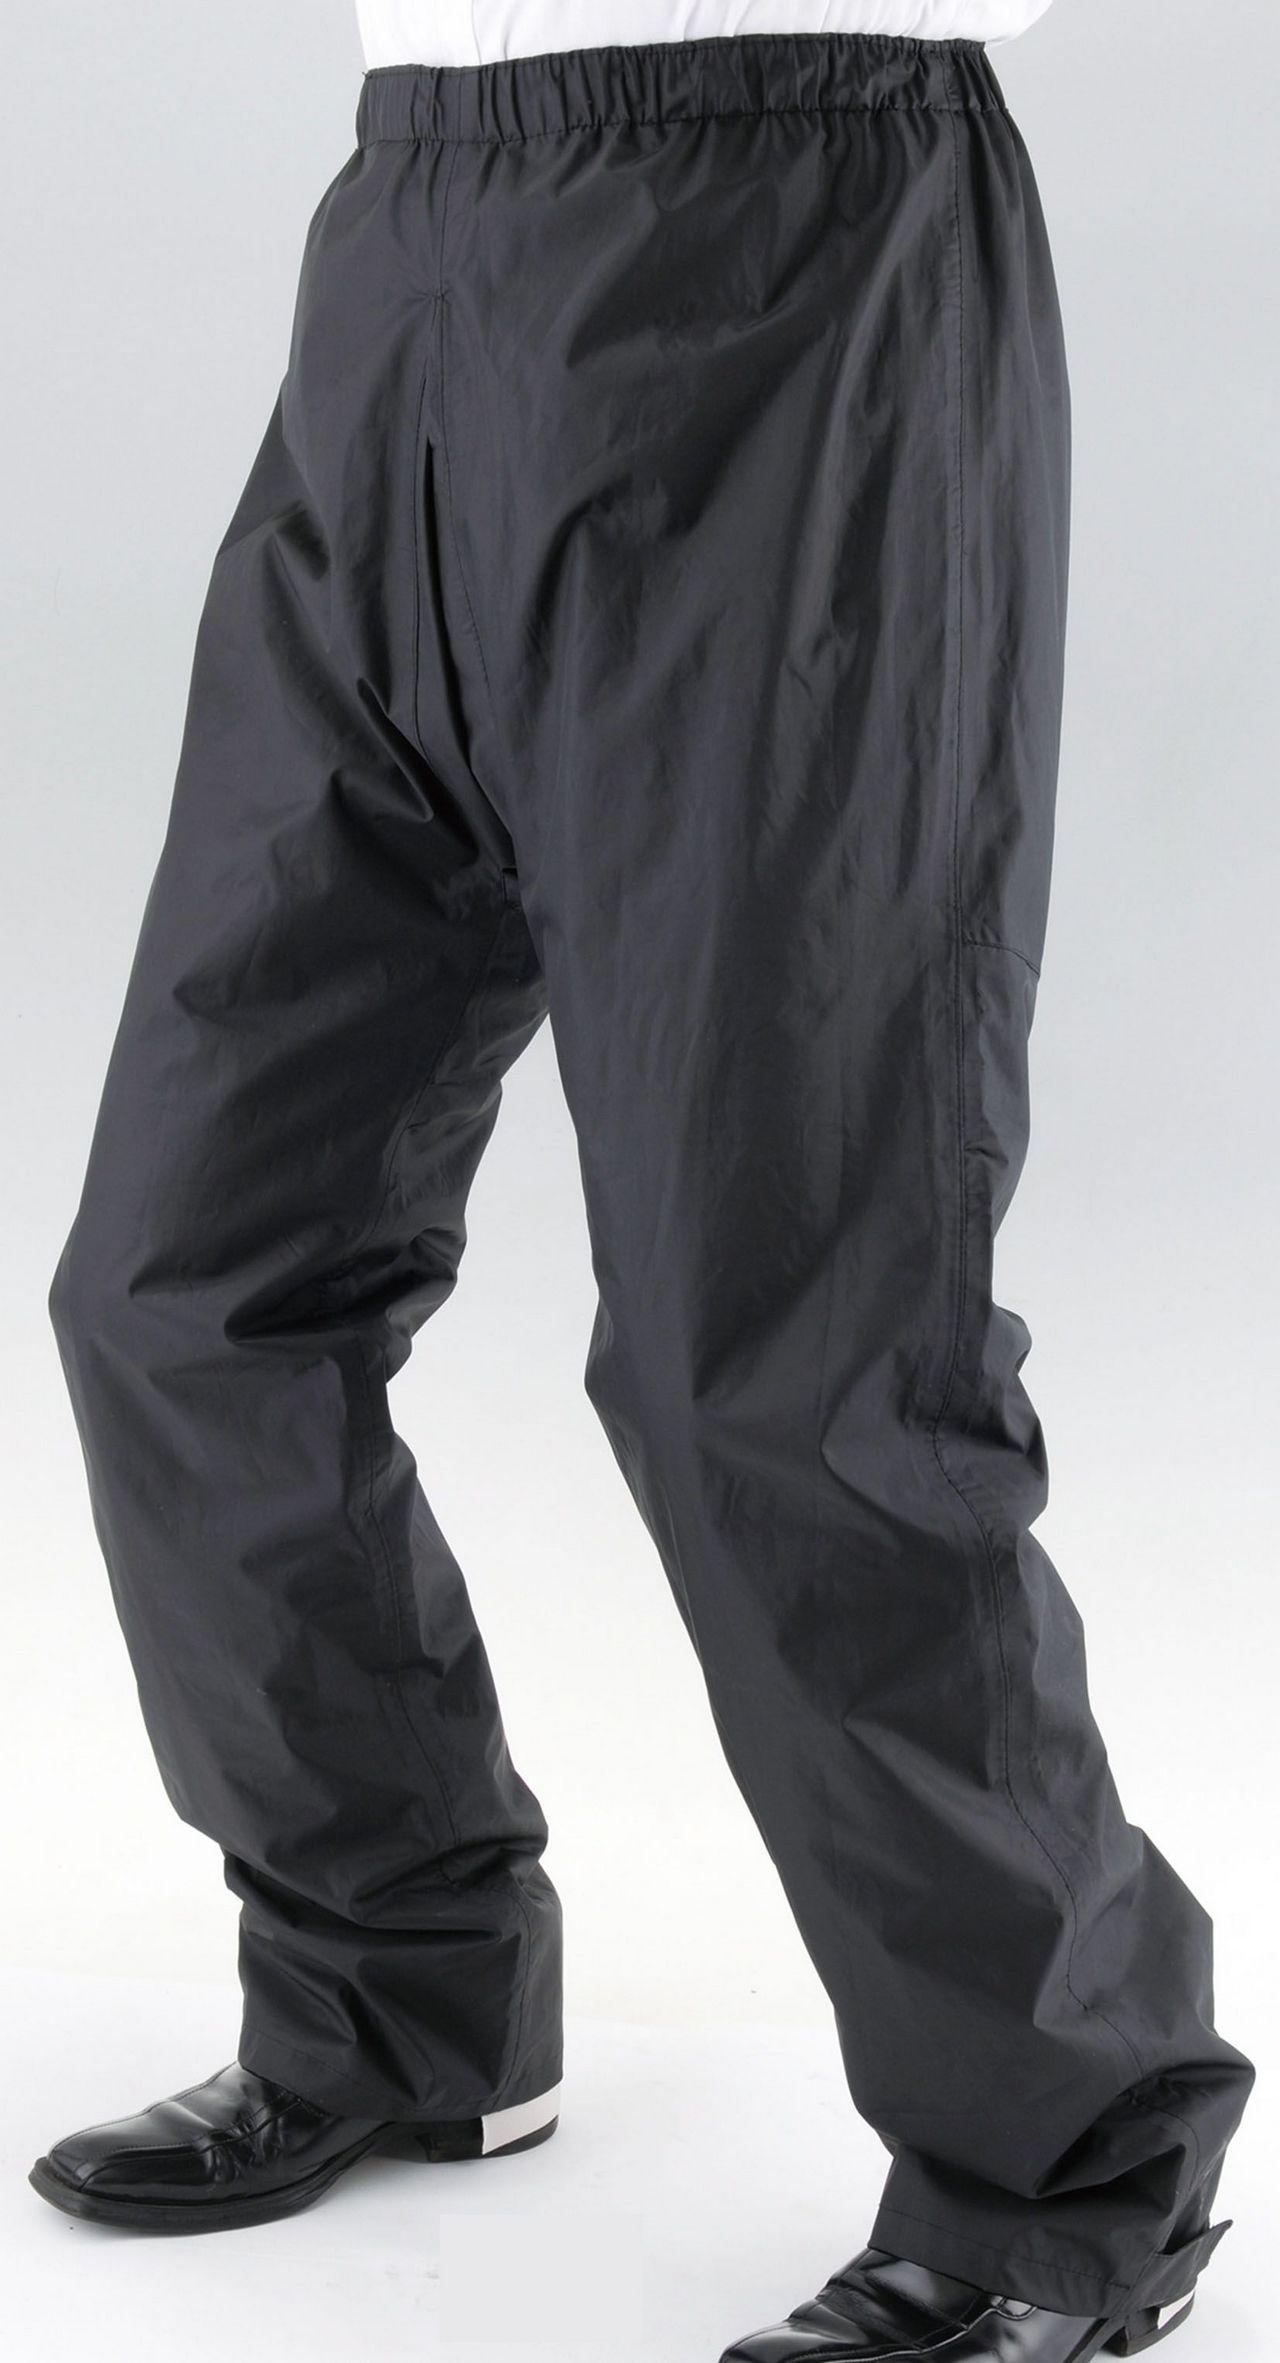 黑色雨褲 Resist